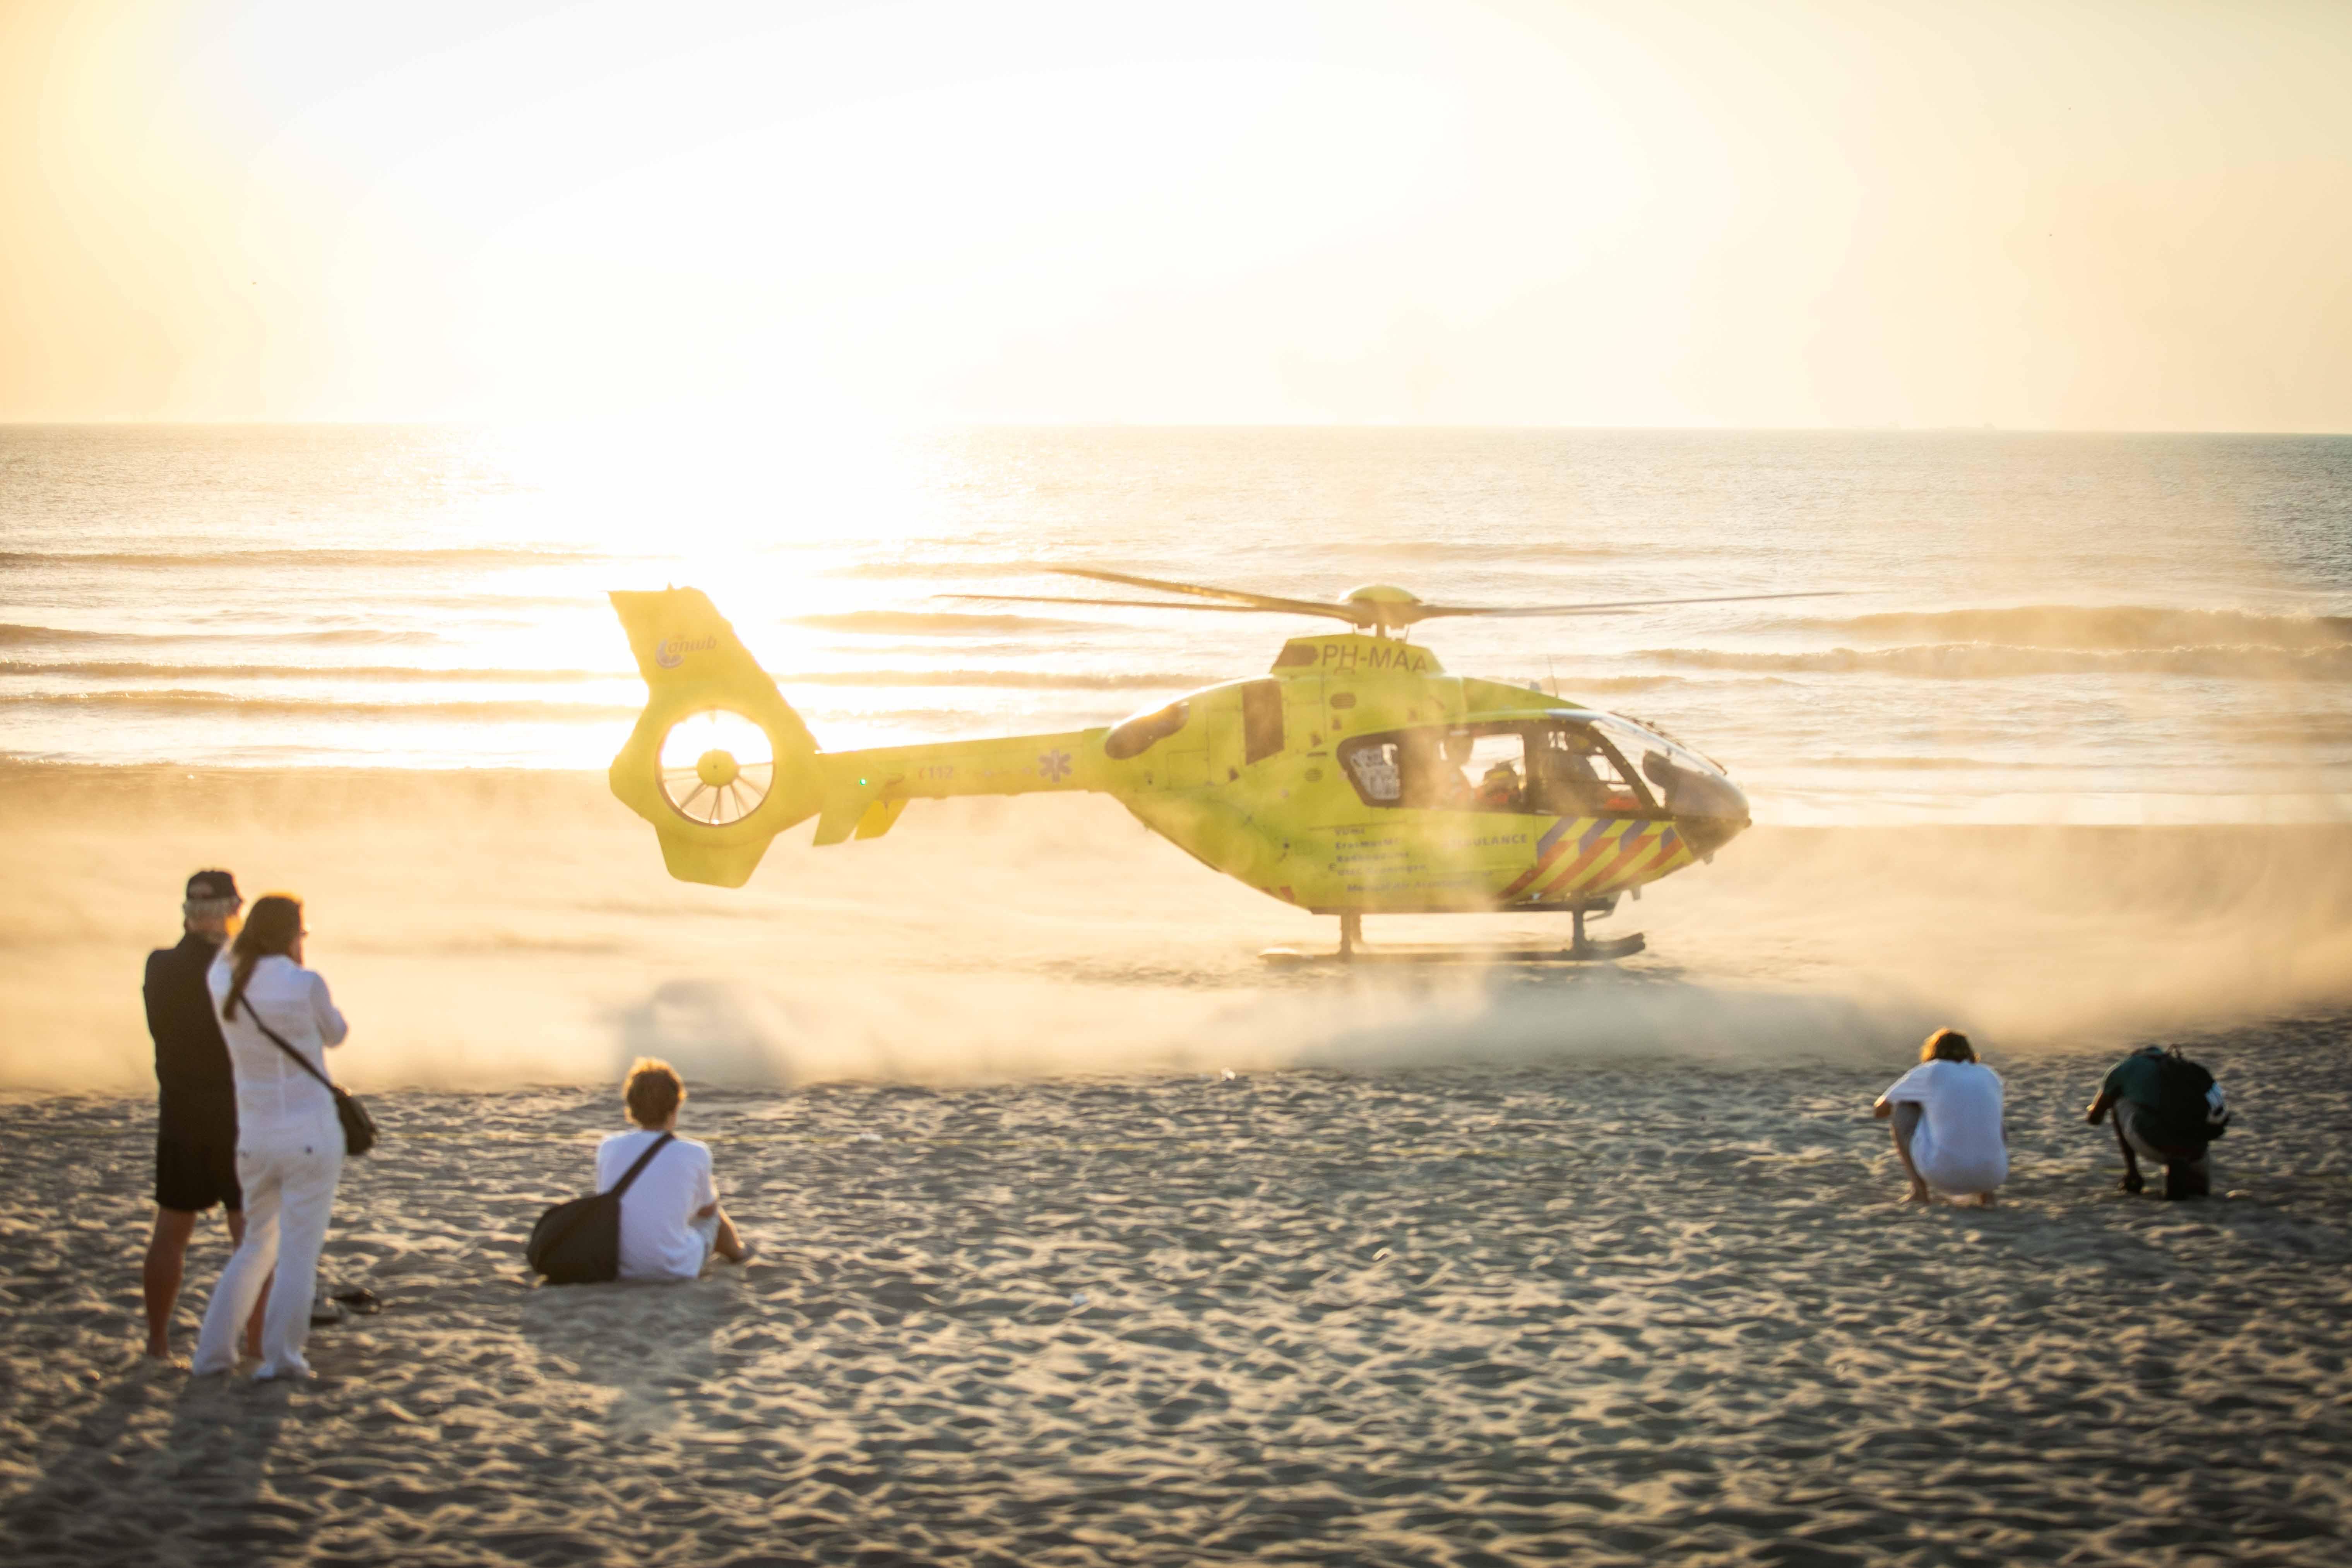 Drenkeling bij Wijk aan Zee was een 60-jarige man uit de gemeente Molenlanden